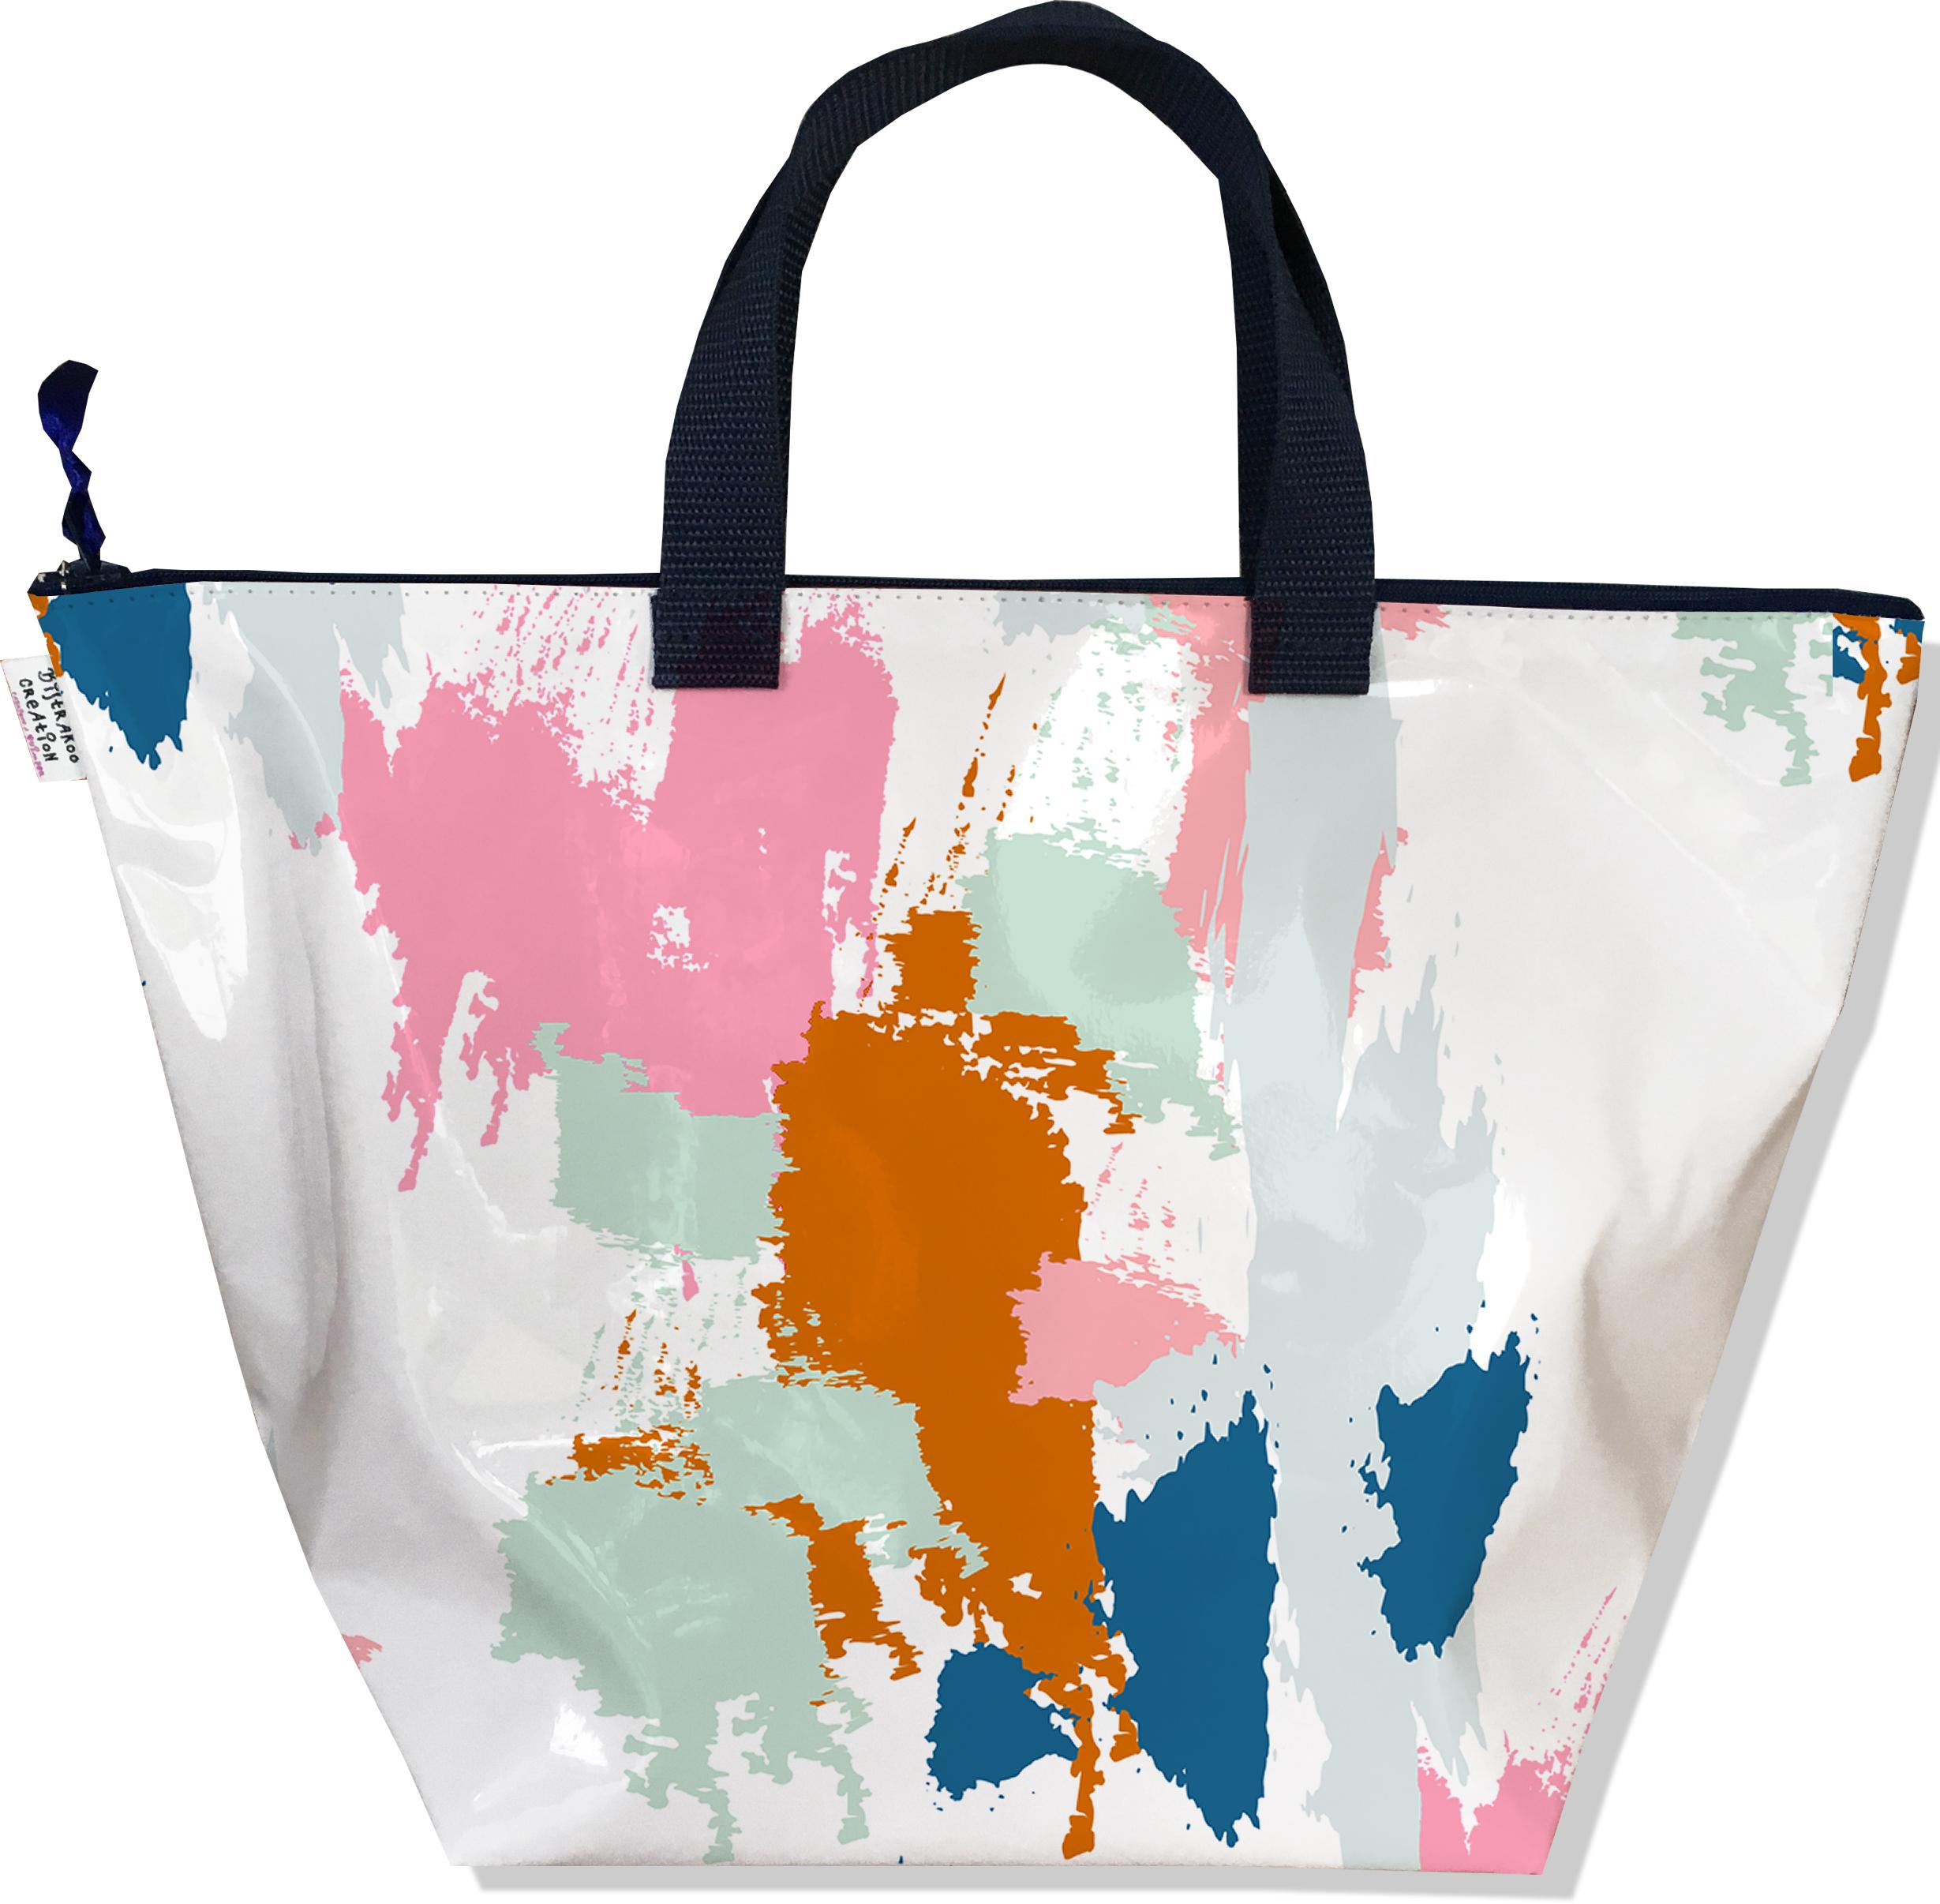 Sac à main zippé pour femme Taches Peinture multicolores SM6013